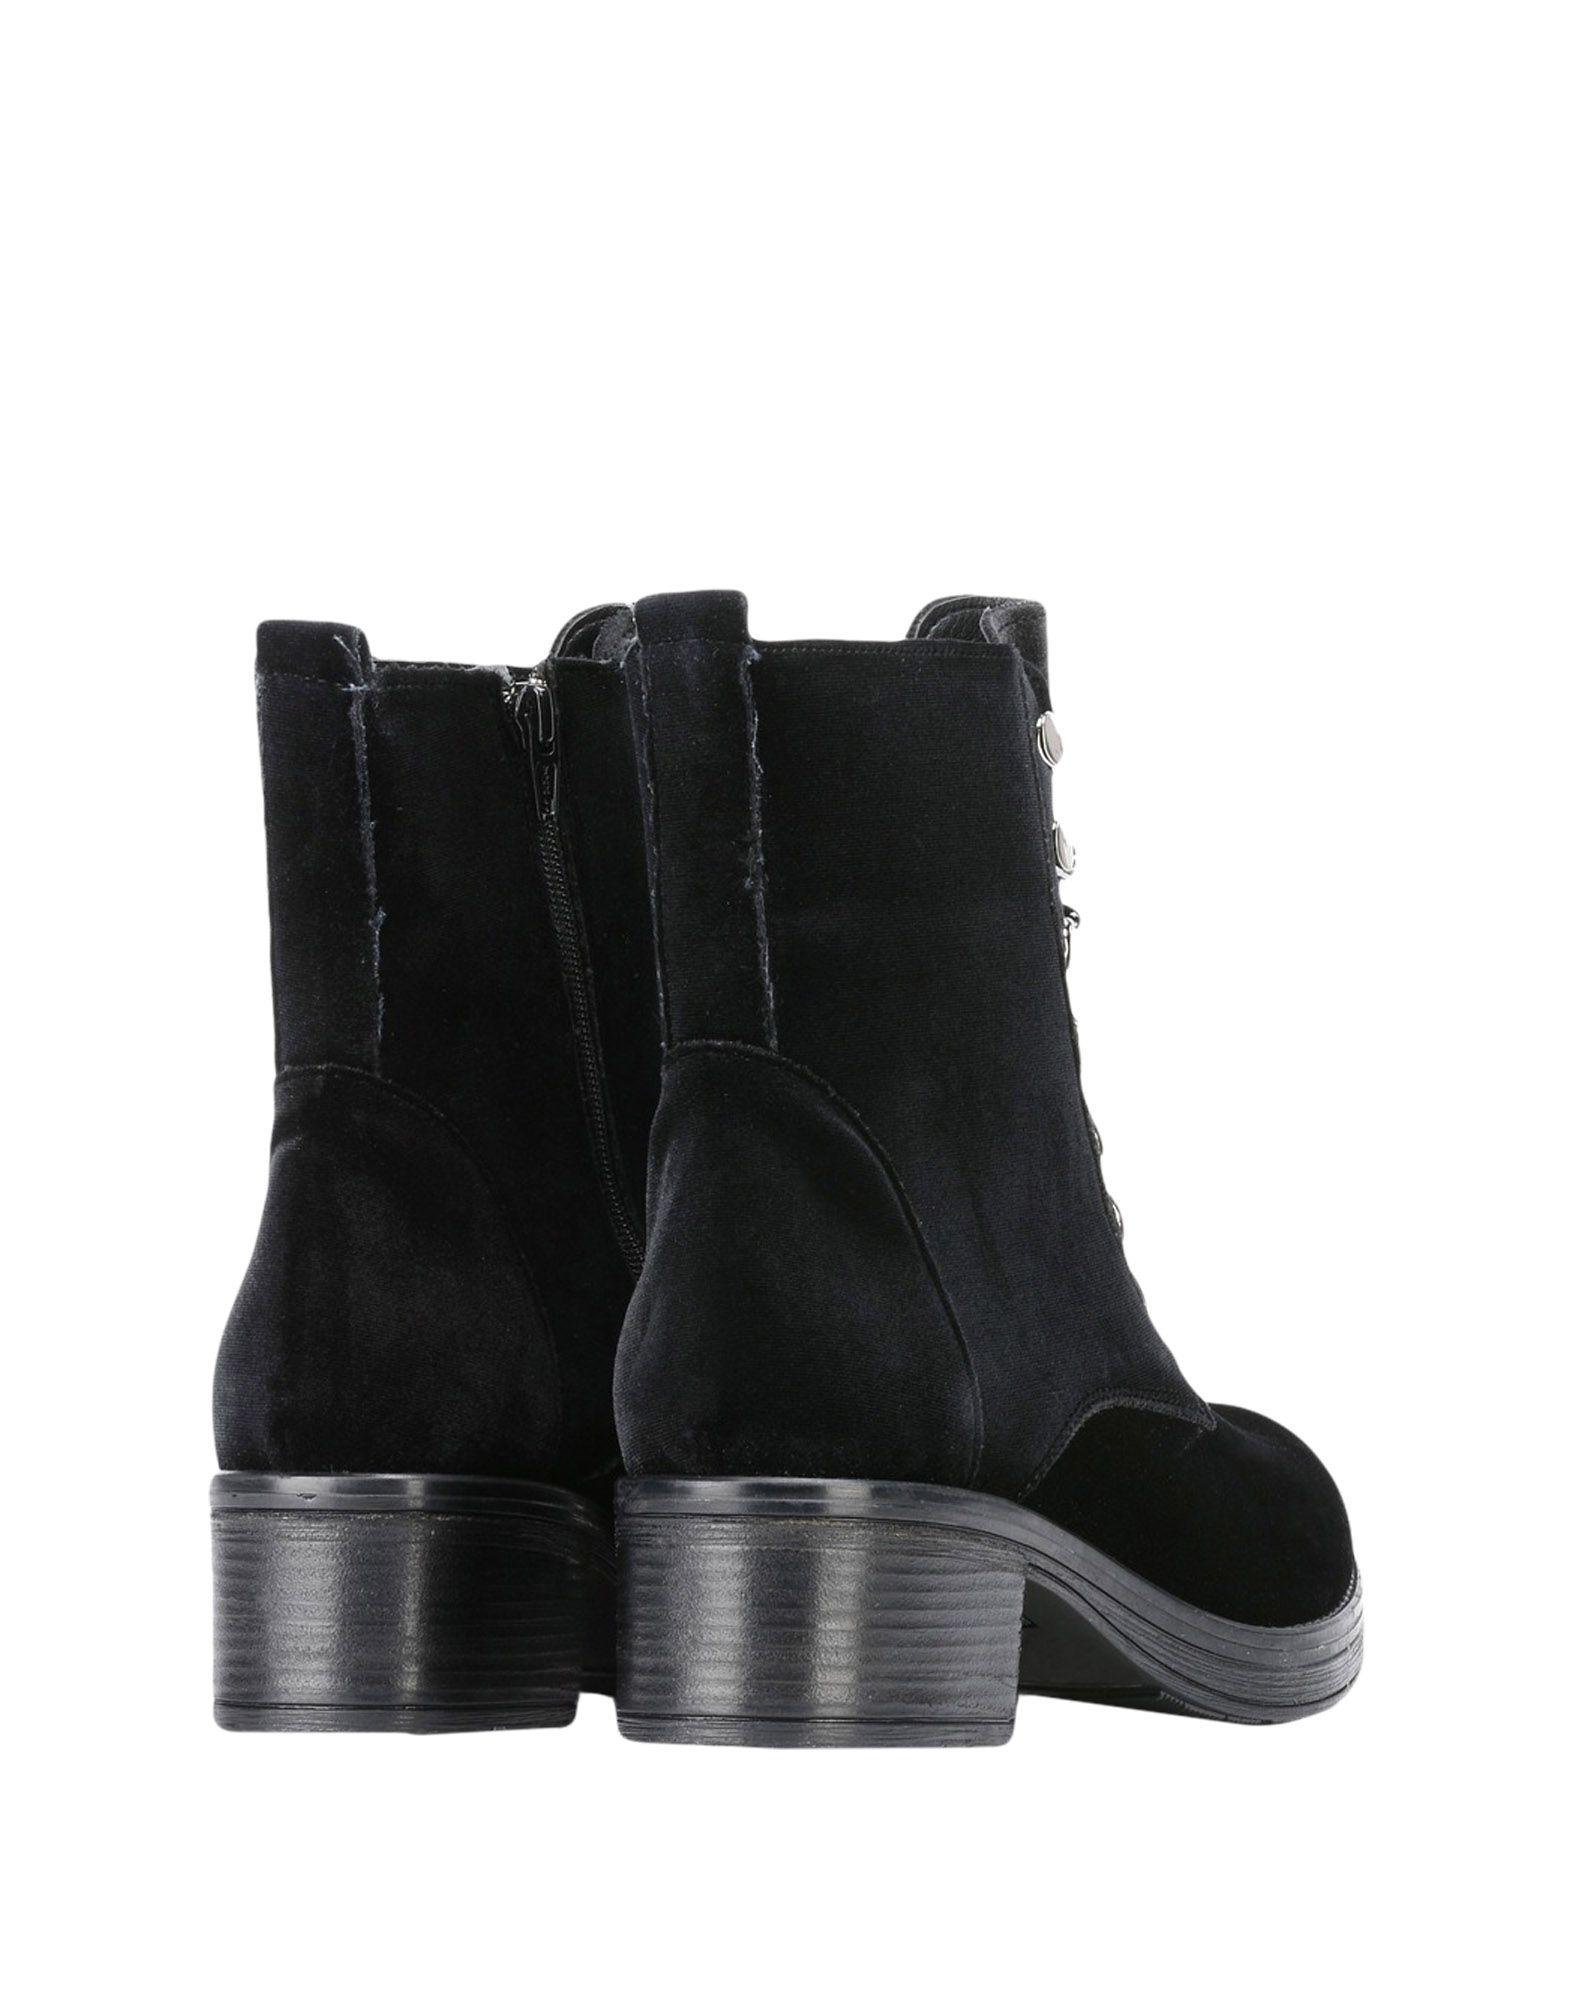 George J. Love Stiefelette Damen  11405376TF Gute Qualität beliebte Schuhe